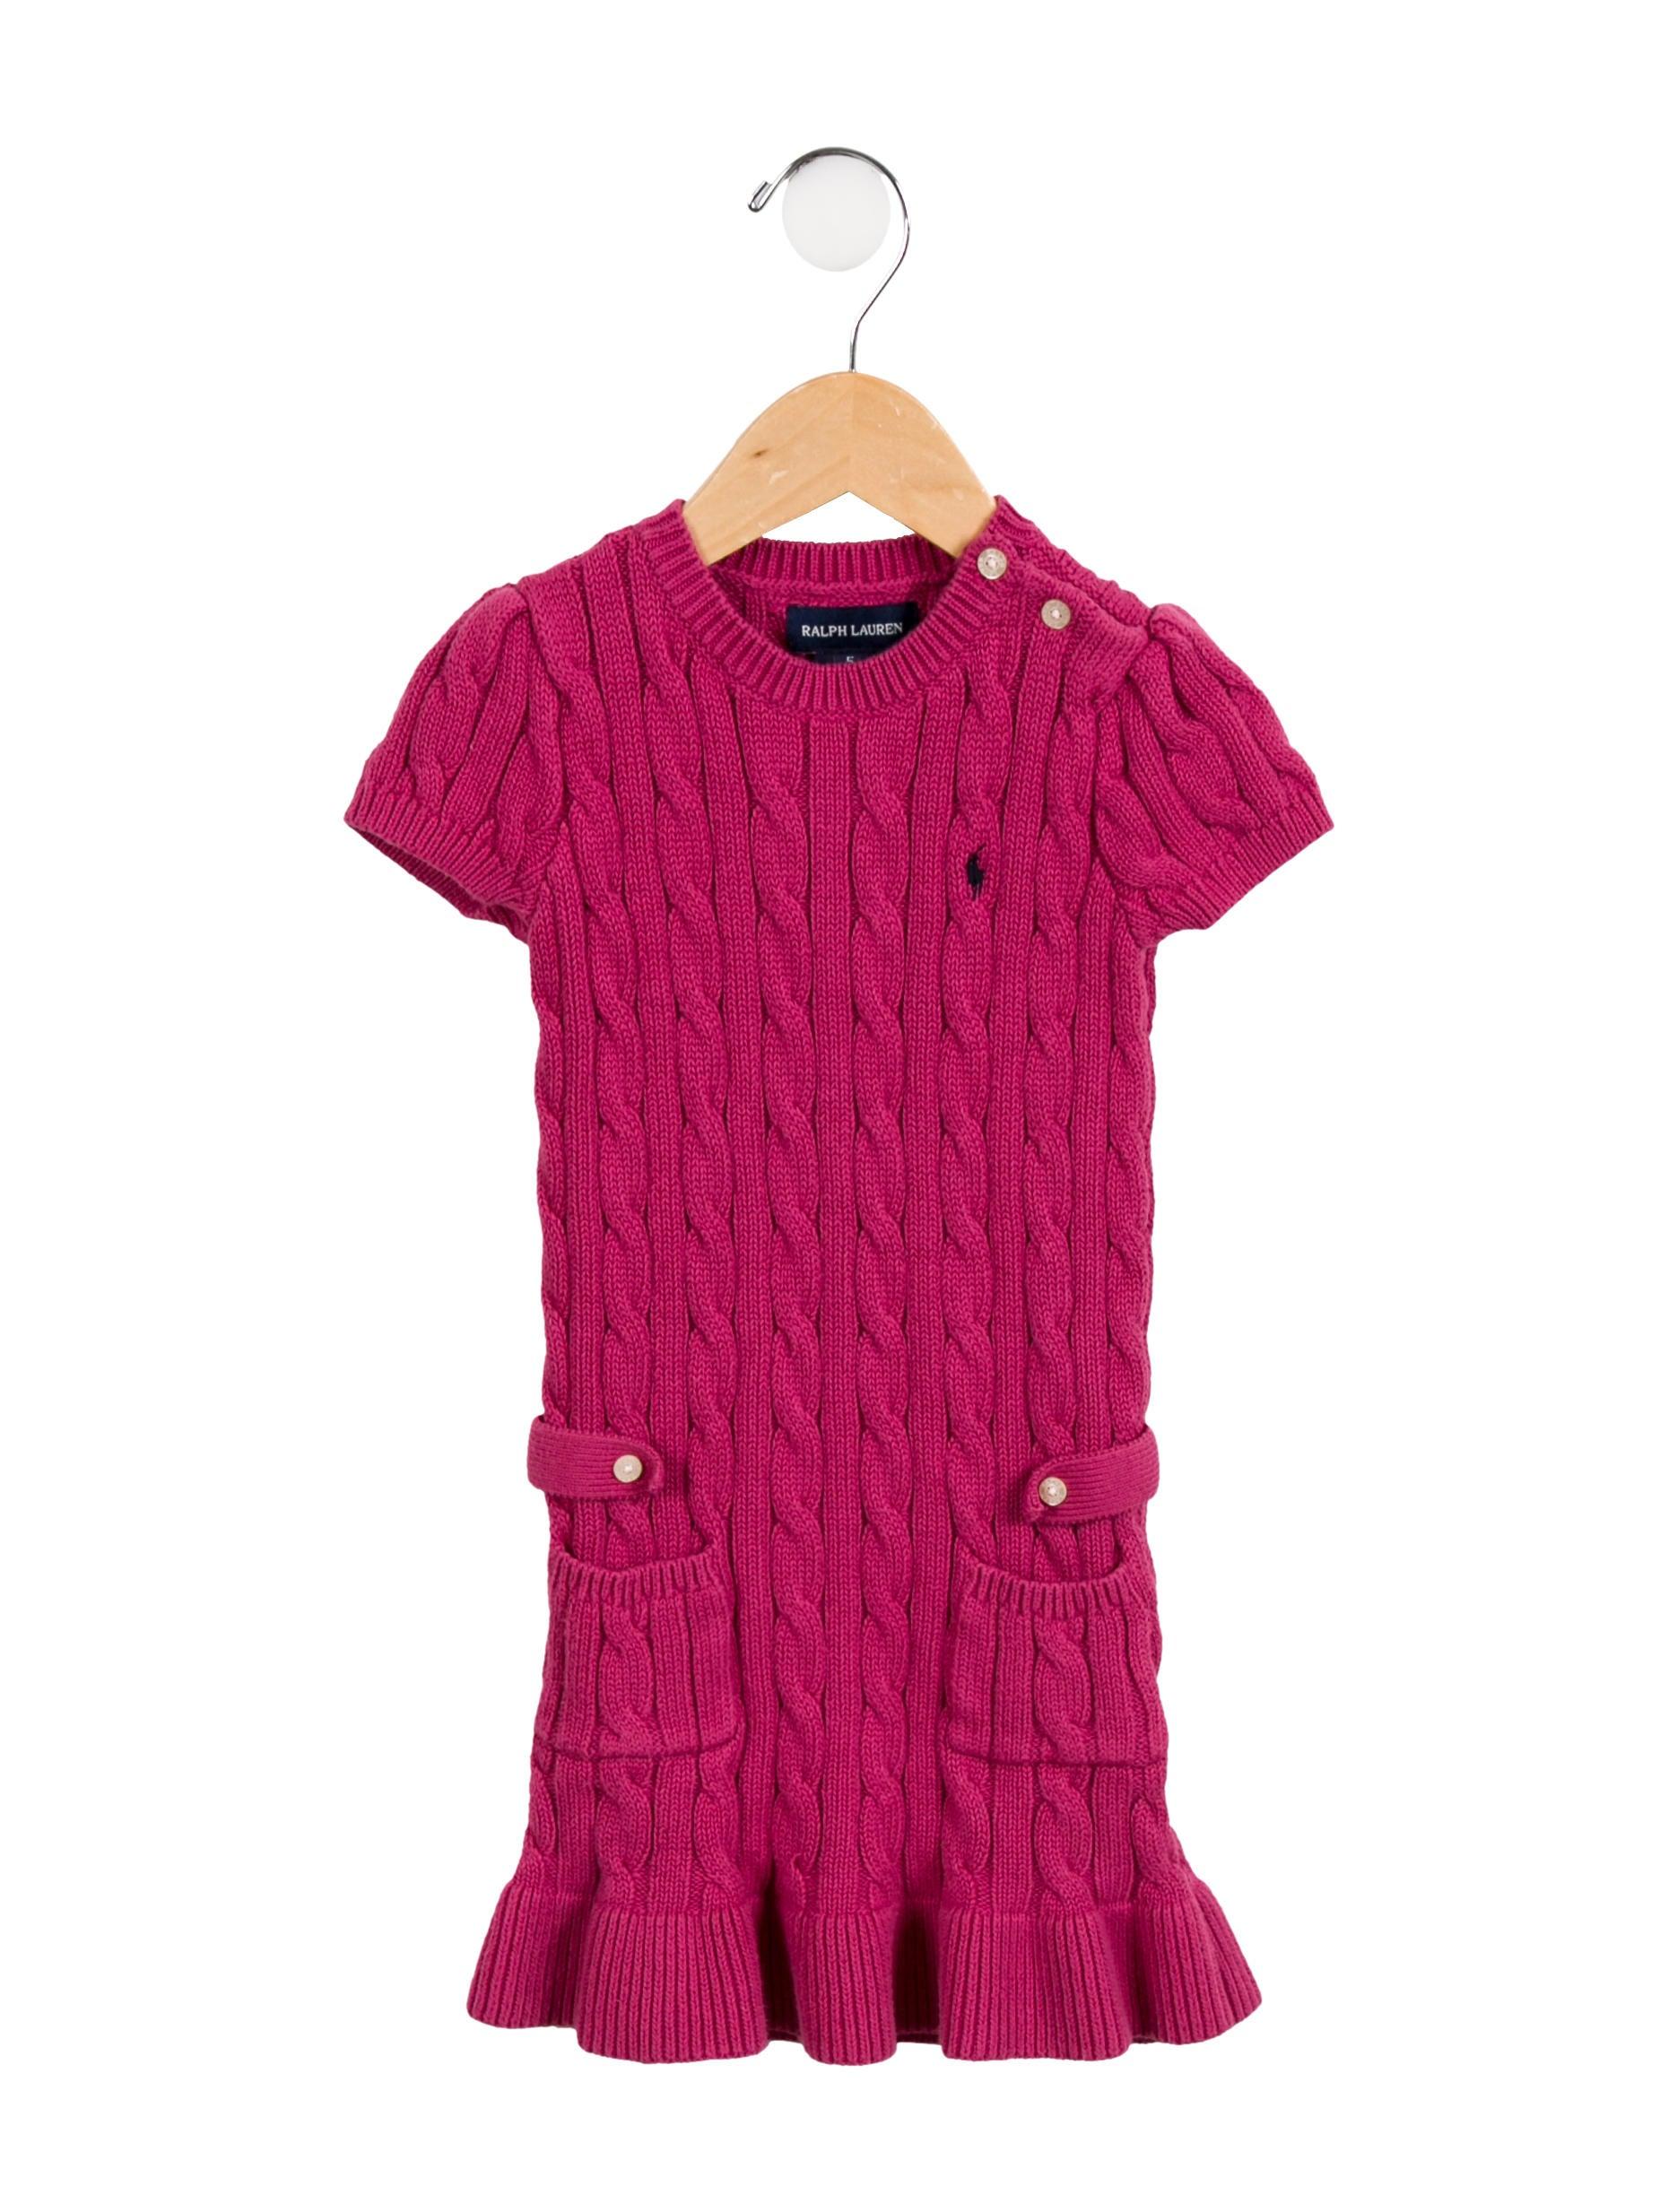 66f19ba1698a79 Ralph Lauren Girls' Cable Knit Sweater Dress - Girls - WYG26666 ...